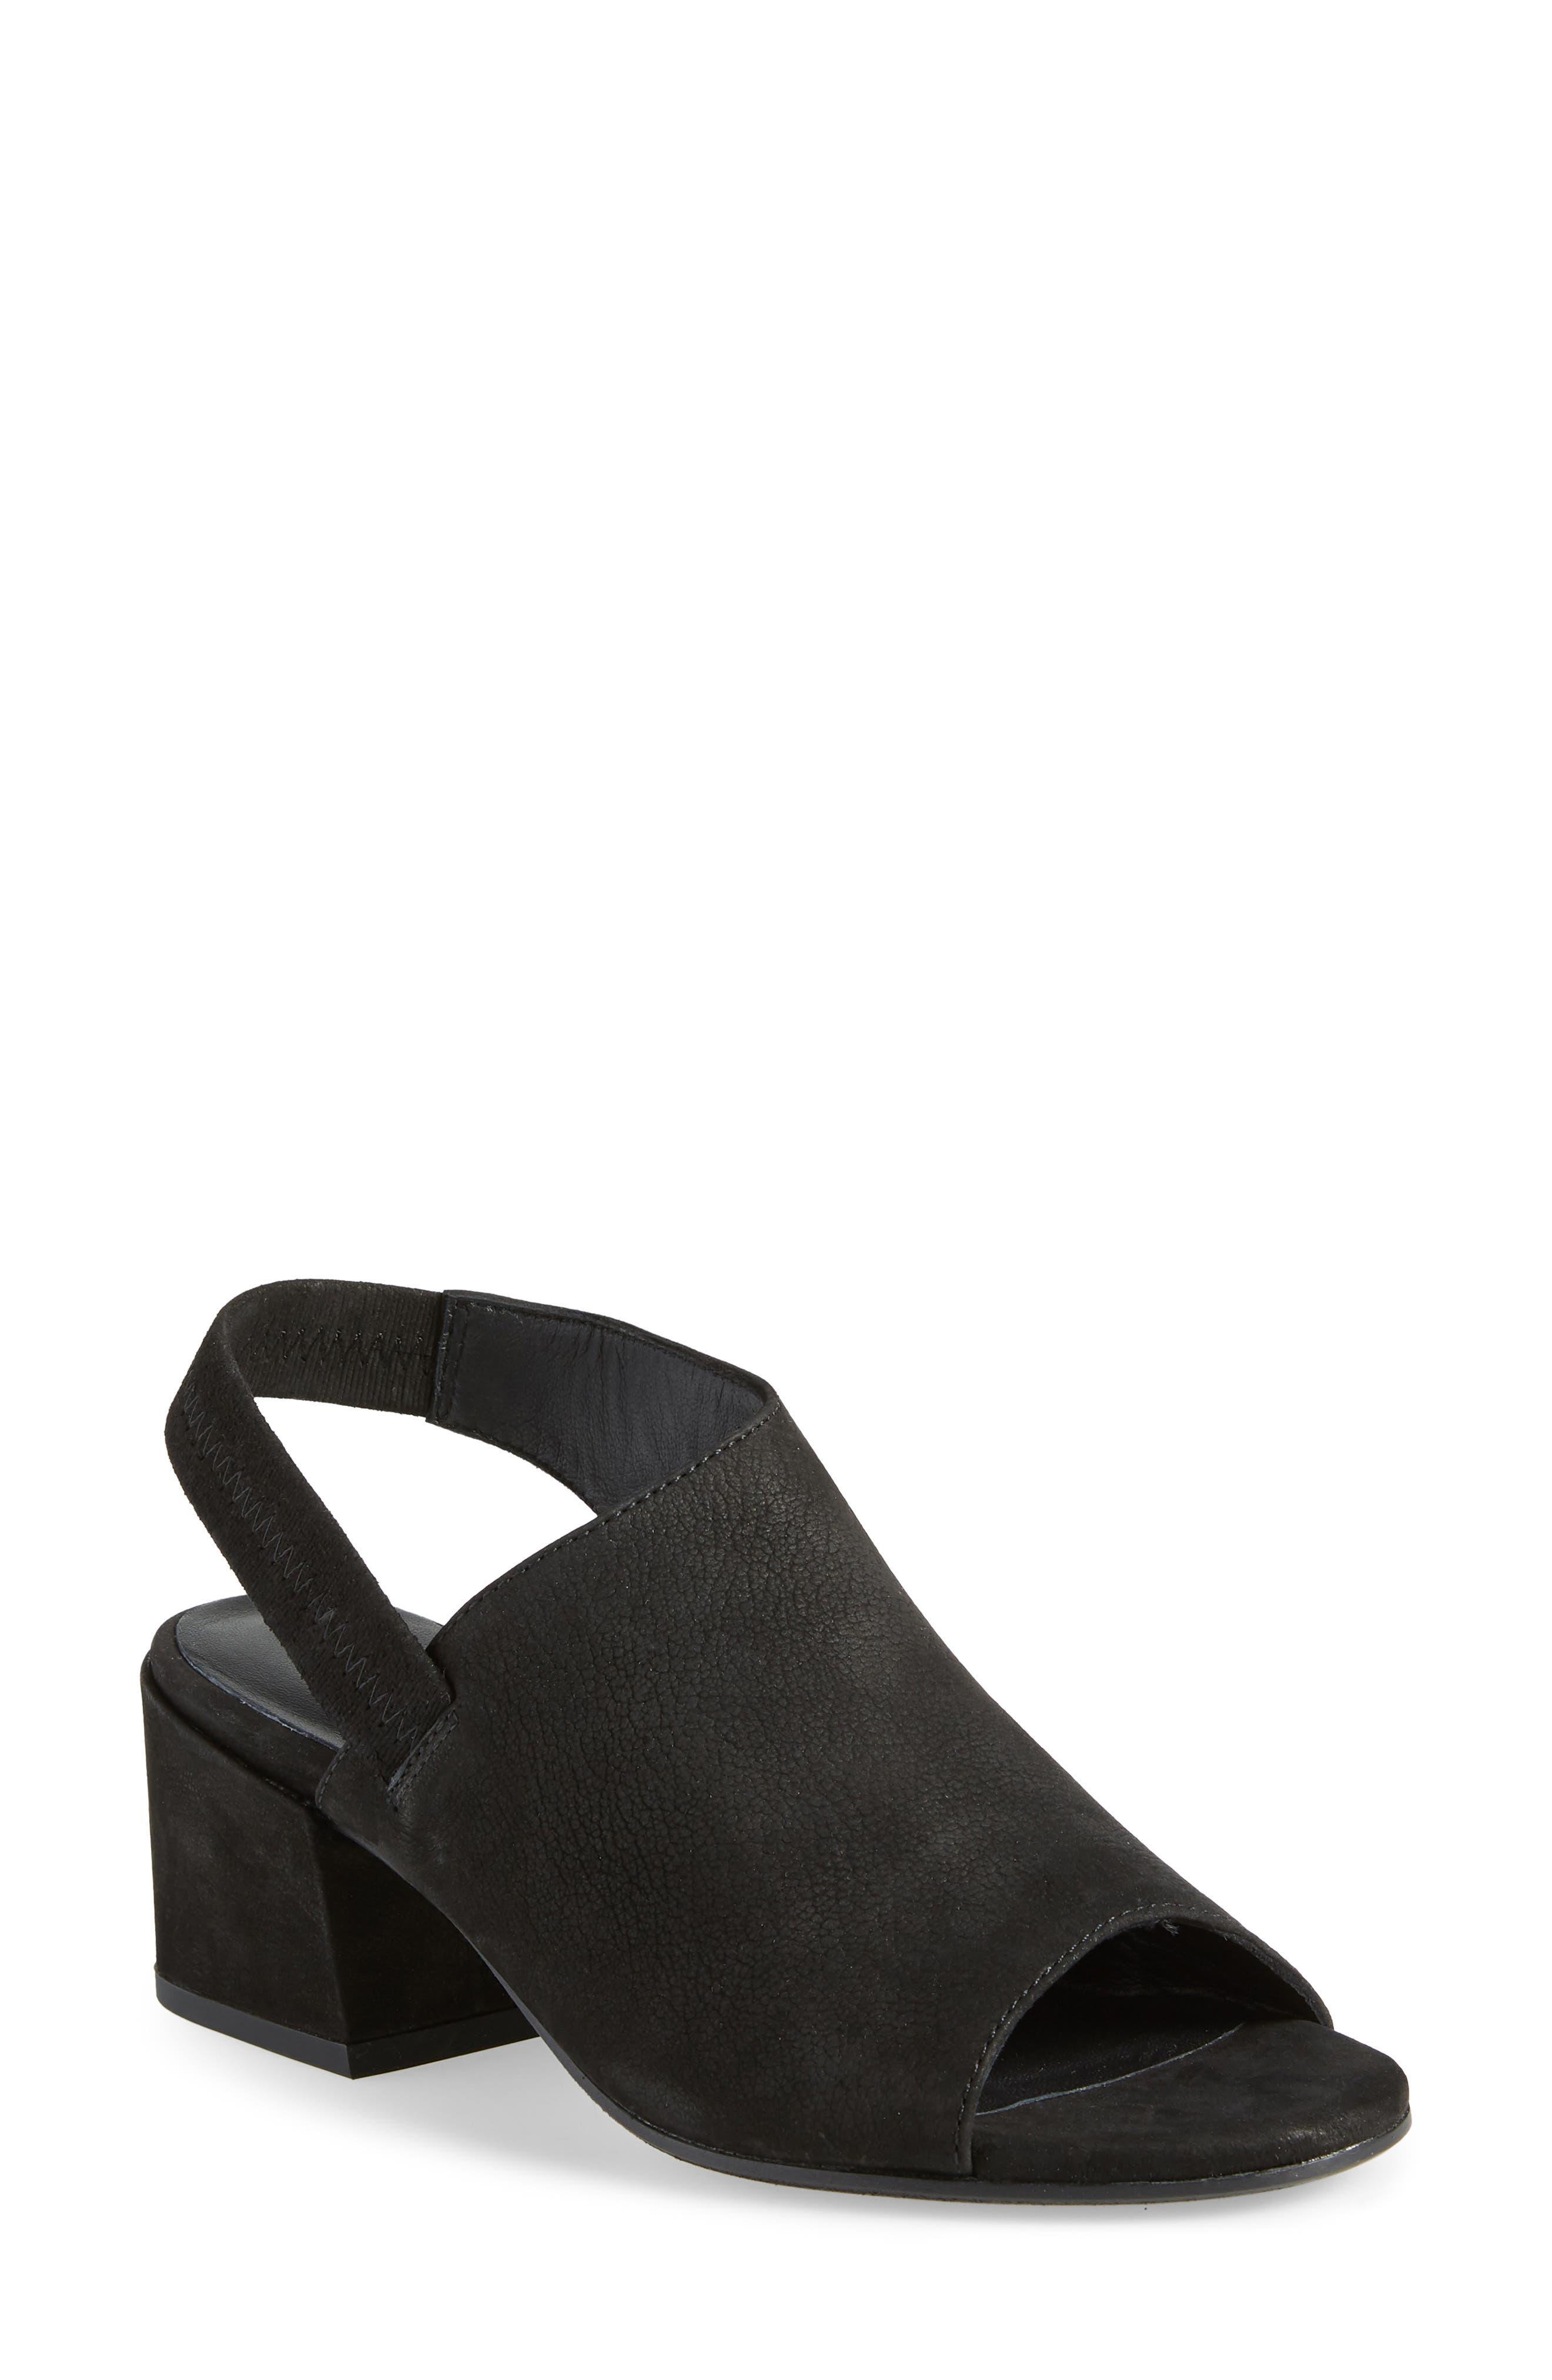 Leigh Asymmetrical Slingback Sandal,                         Main,                         color,